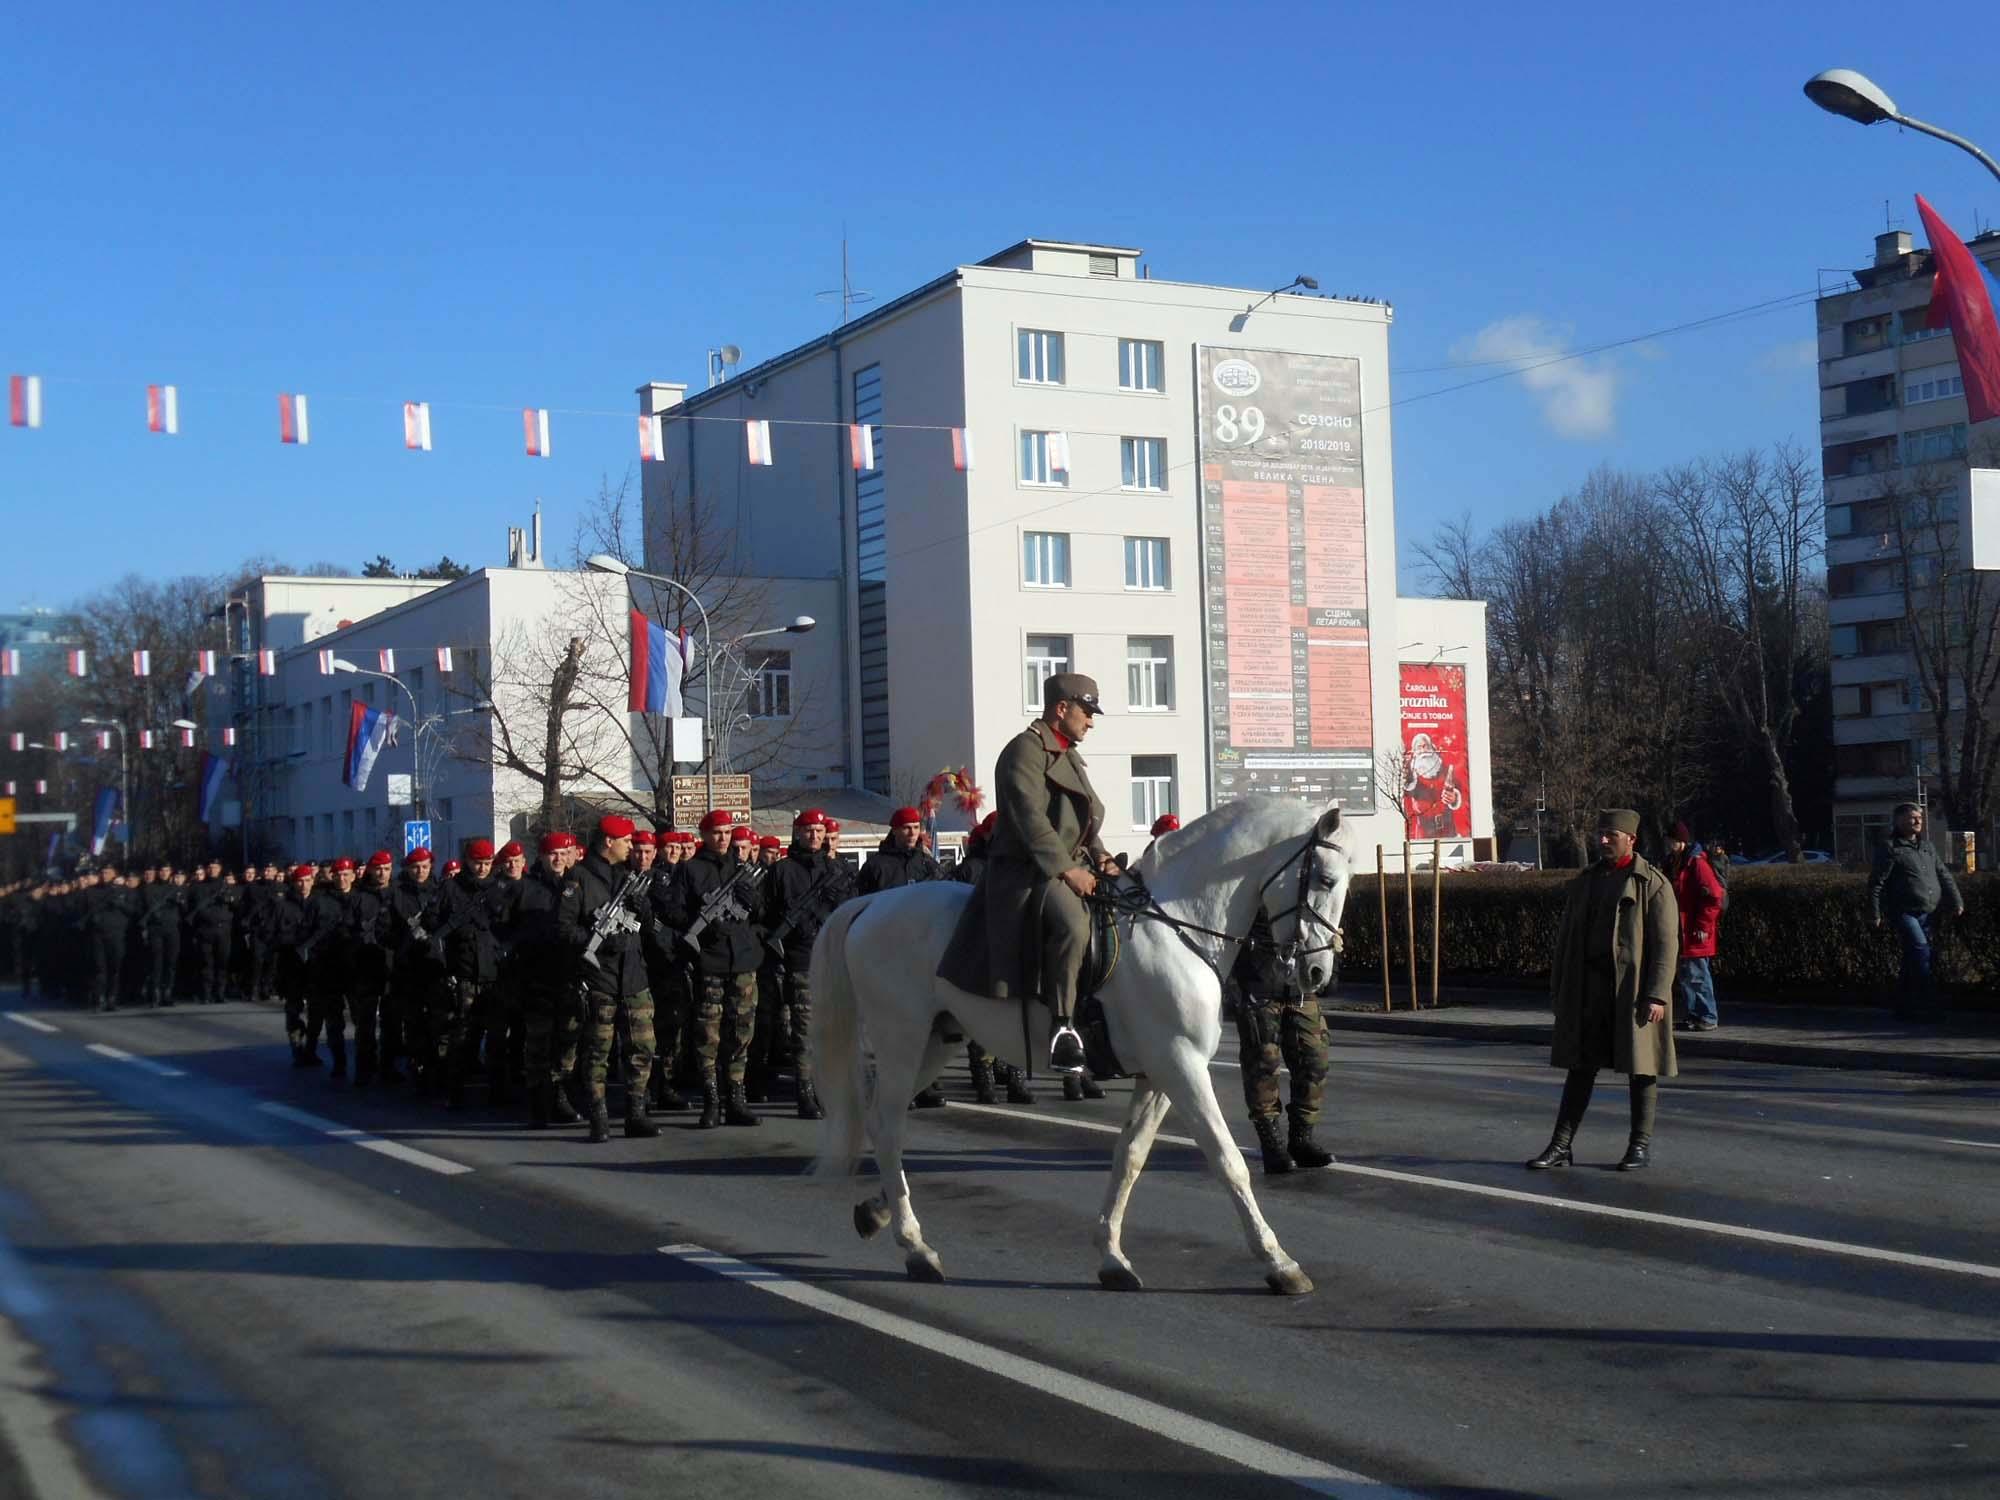 Svečani defile povodom obilježavanja 9. januara - Dana Republike. FOTO: SRNA